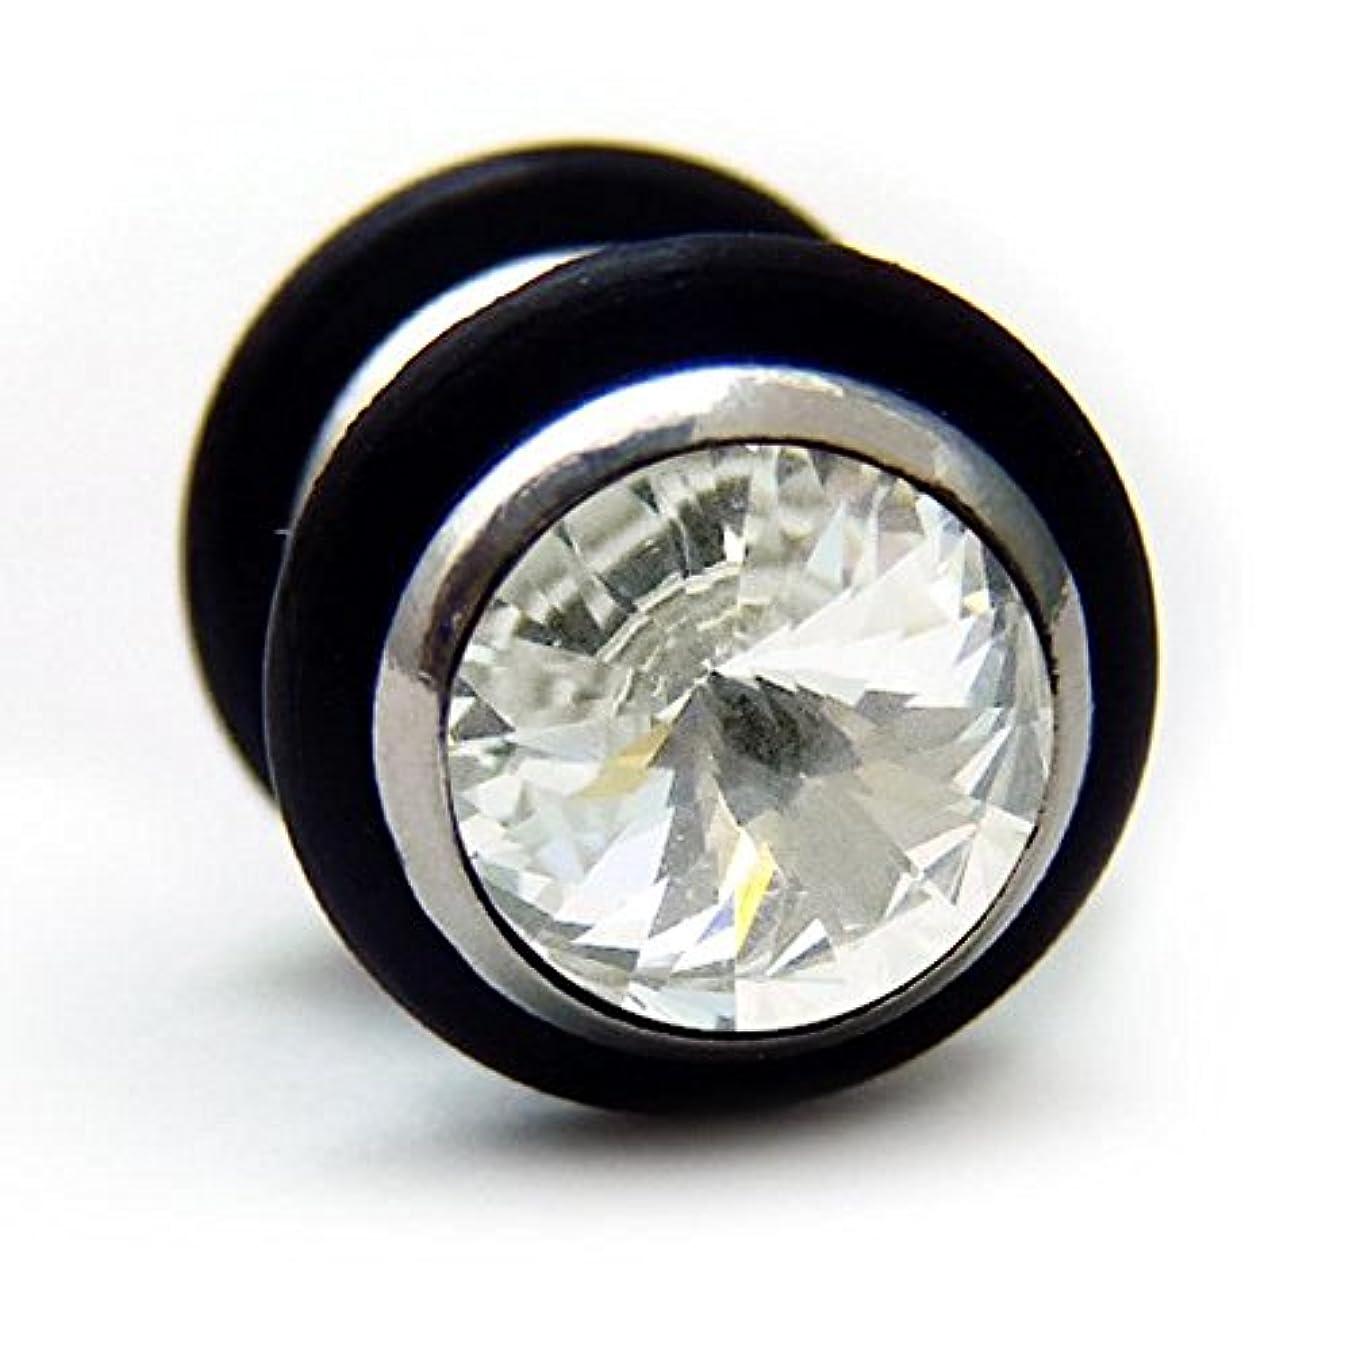 デザート触手句スワンユニオン swanunion 黒丸型 片耳 磁石 マグピ ステンレス製 フェイクピアス fp21-L